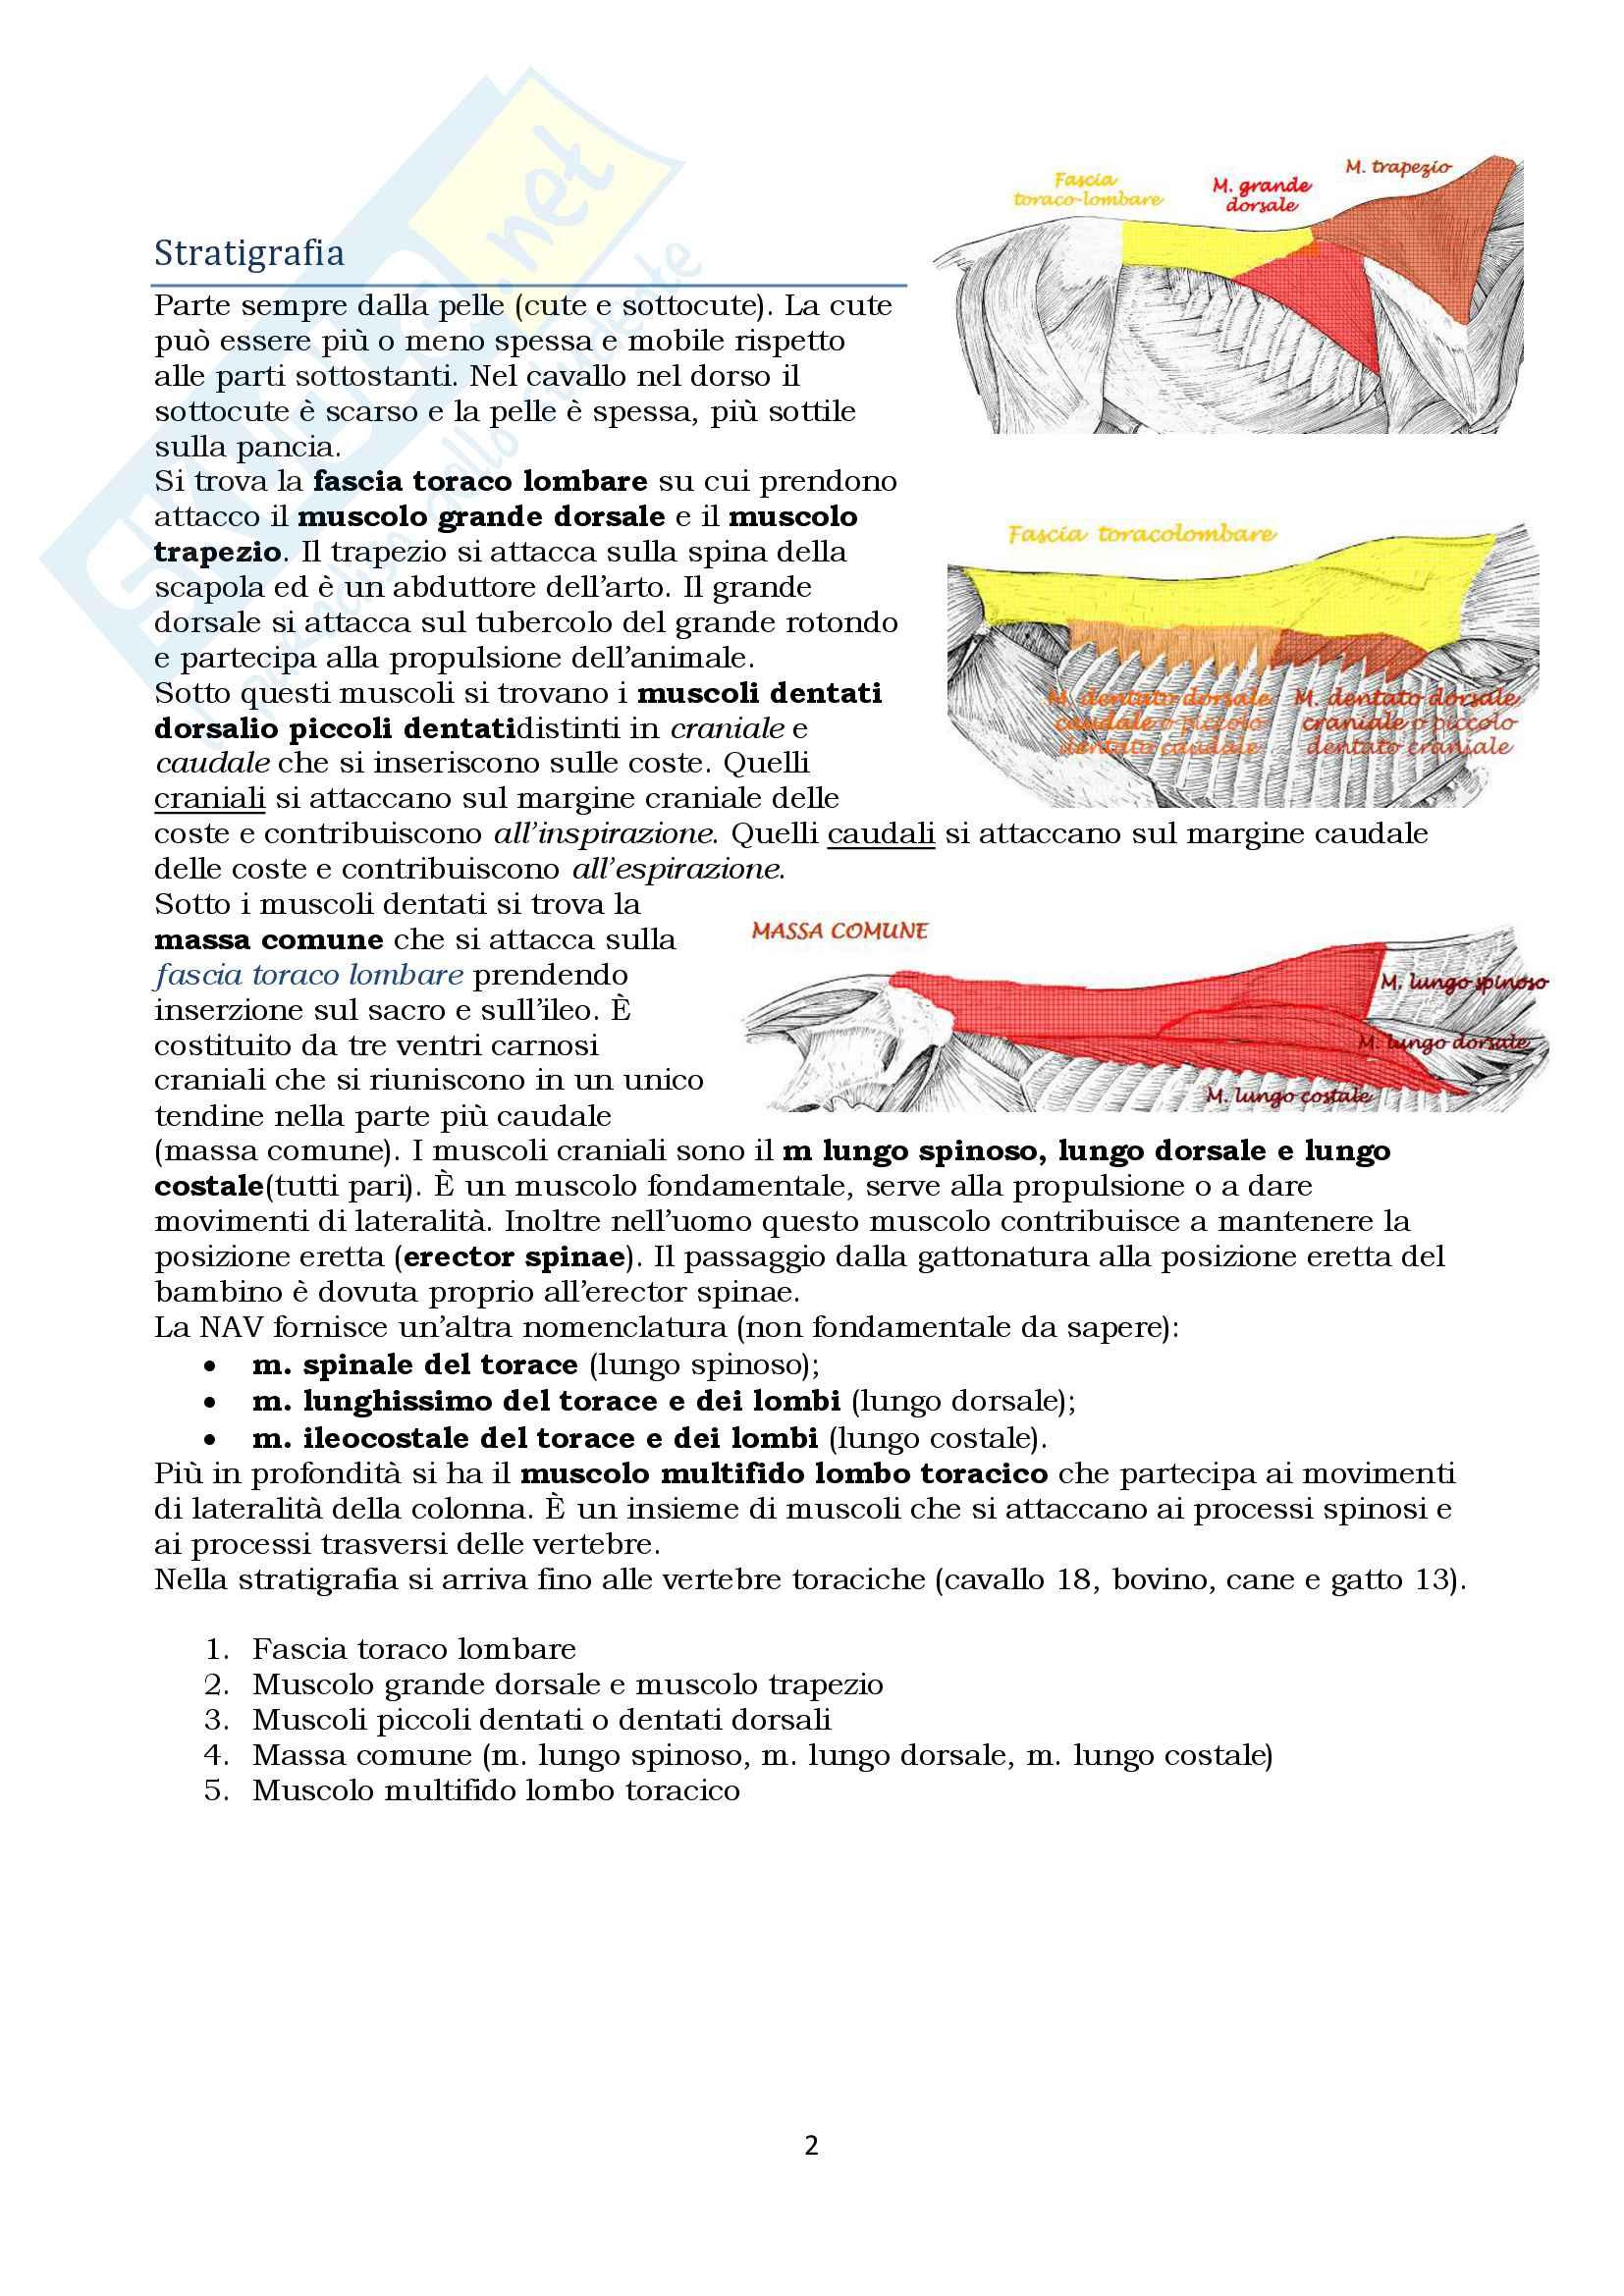 Anatomia topografica veterinaria parte II (piccoli e grandi animali) Pag. 2